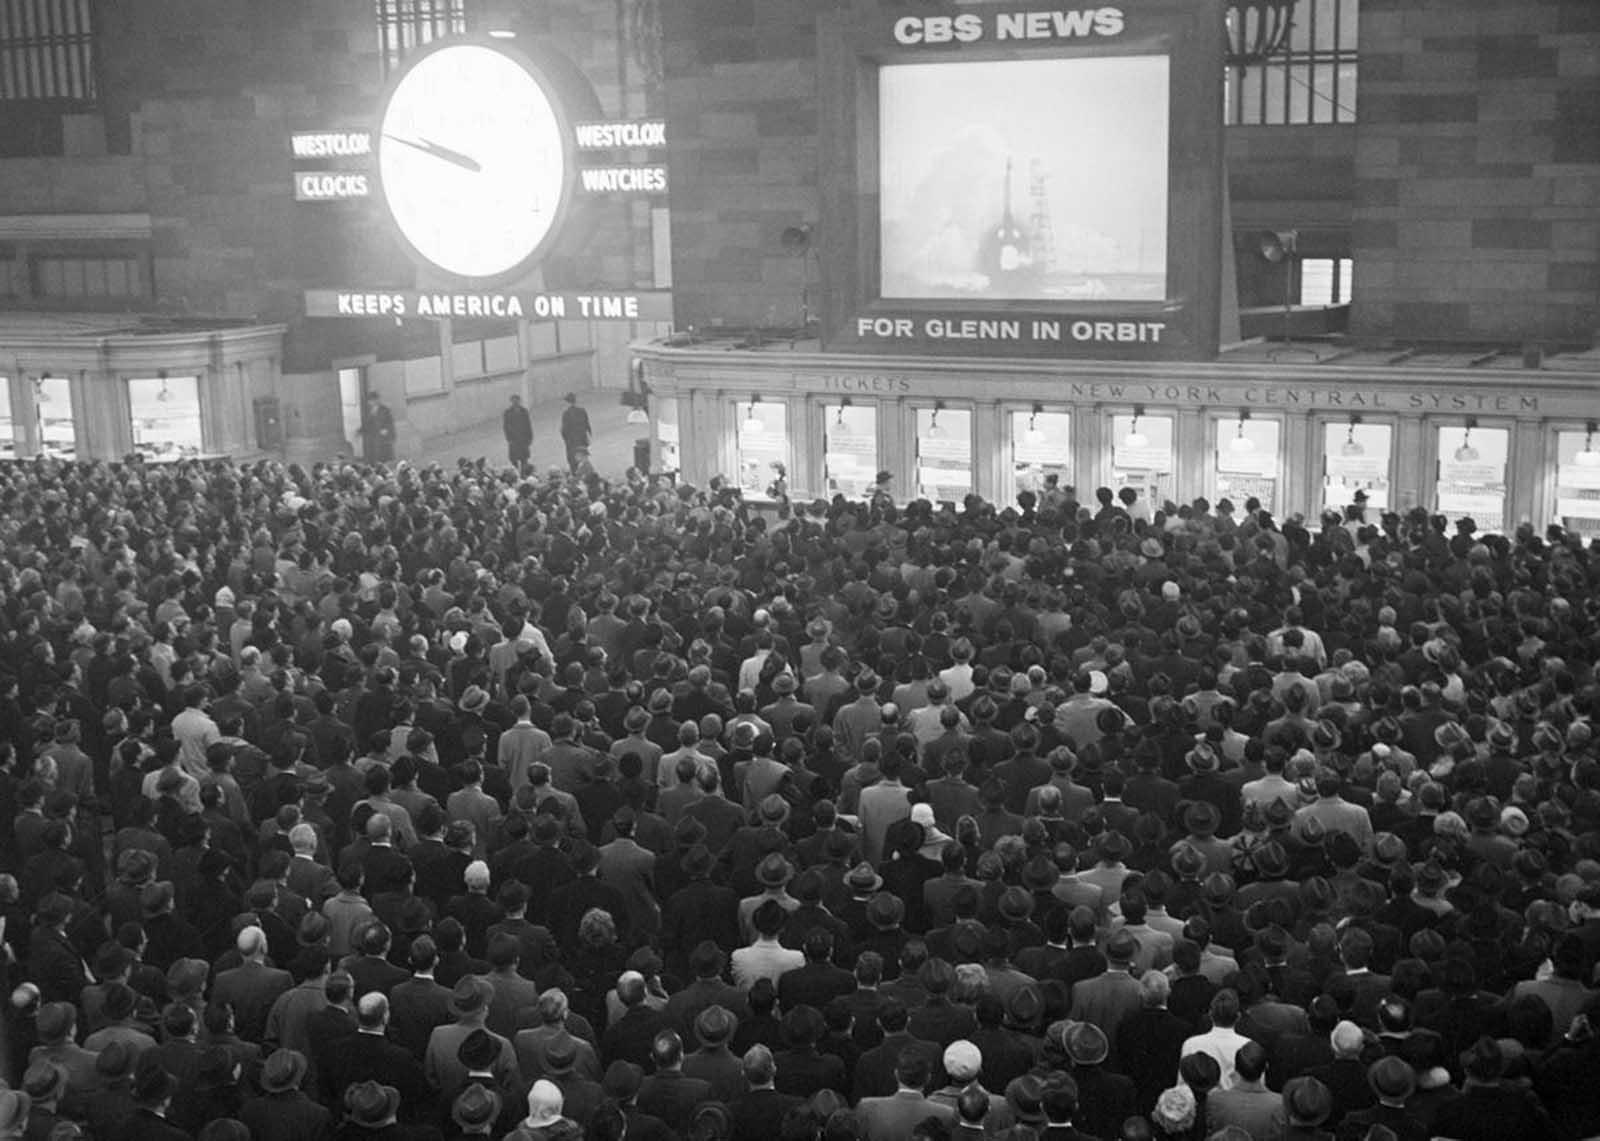 Unos 5.000 trabajadores observan el lanzamiento del astronauta John H, Glenn Jr. en órbita alrededor del mundo en una gran pantalla de televisión en la Terminal Grand Central, el 20 de febrero de 1962.